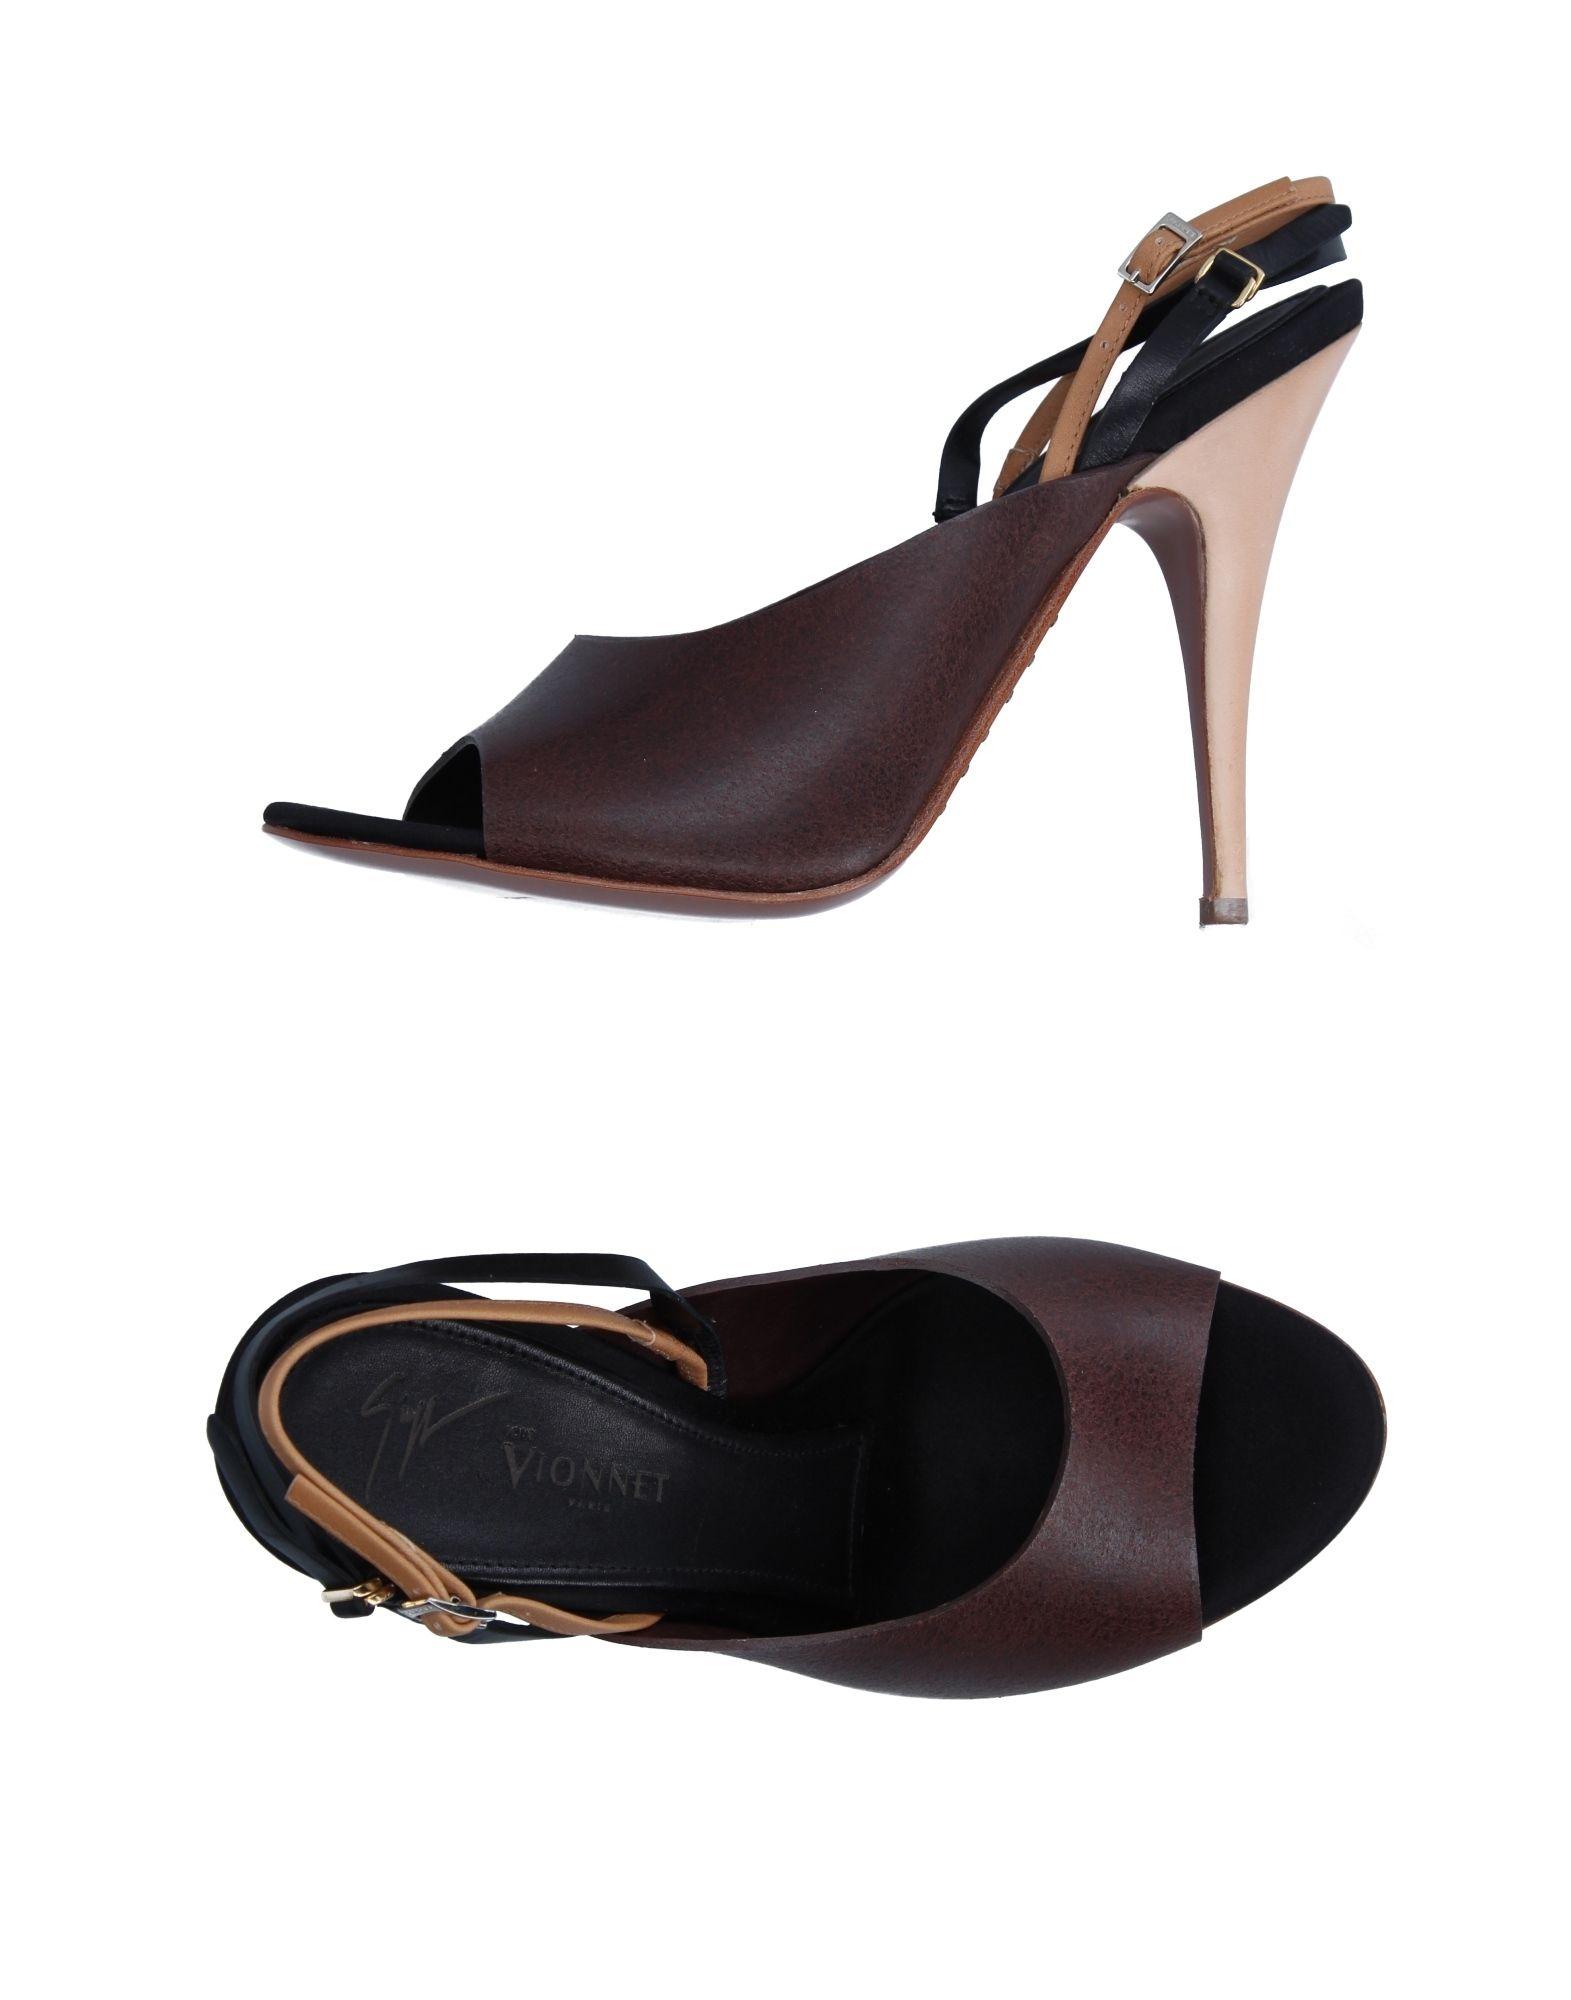 Stilvolle billige Schuhe Giuseppe Zanotti  X Vionnet Sandalen Damen  Zanotti 11311970CD 86e522